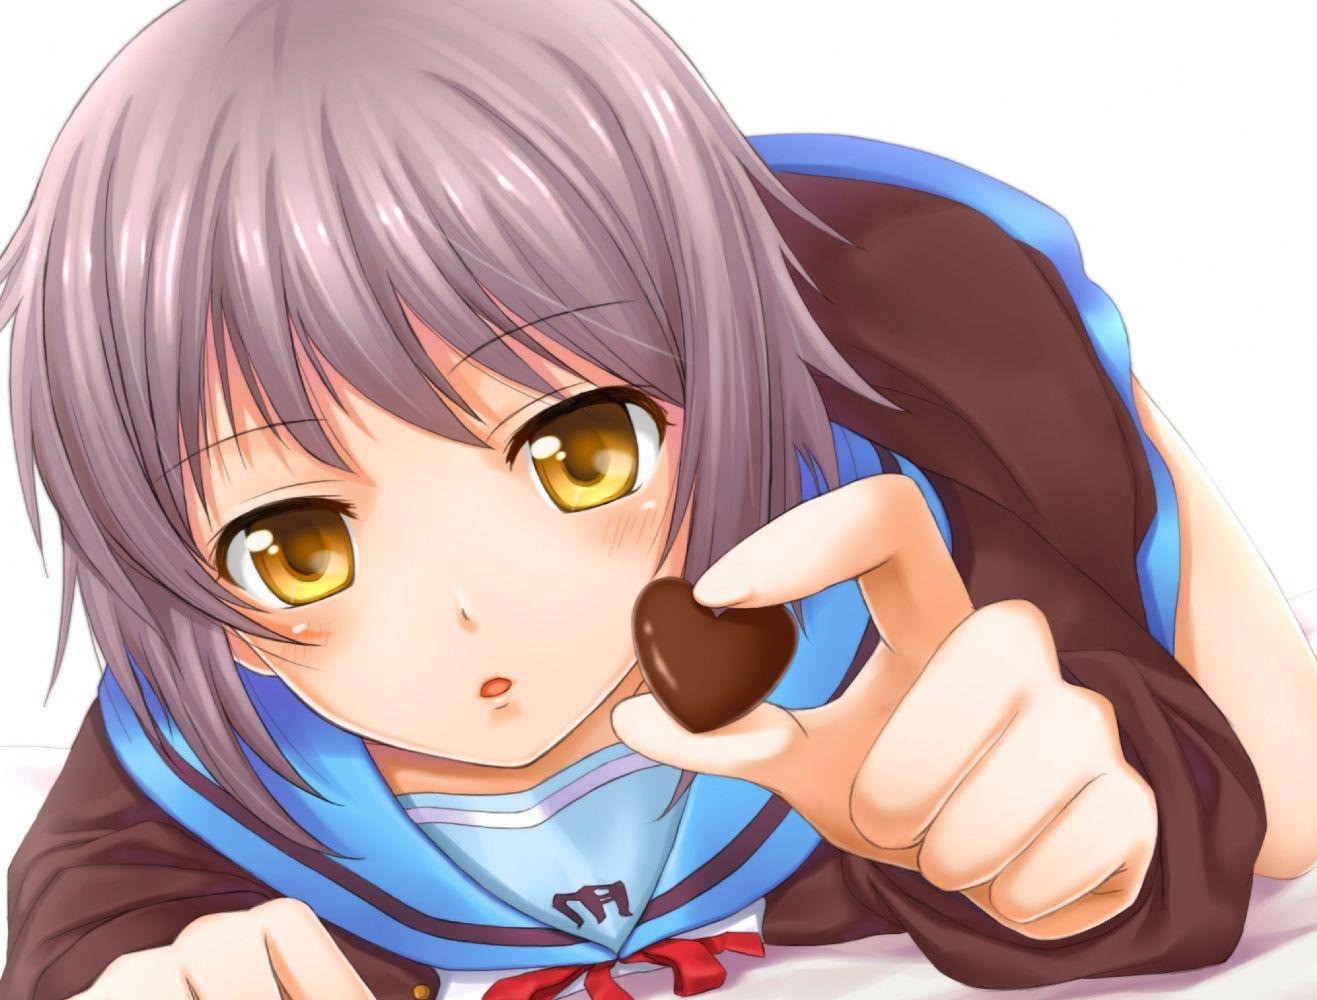 More Anime Valentineu0027s Day Art. Nagato Yuki From The Melancholy Of Suzumiya  Haruhi.